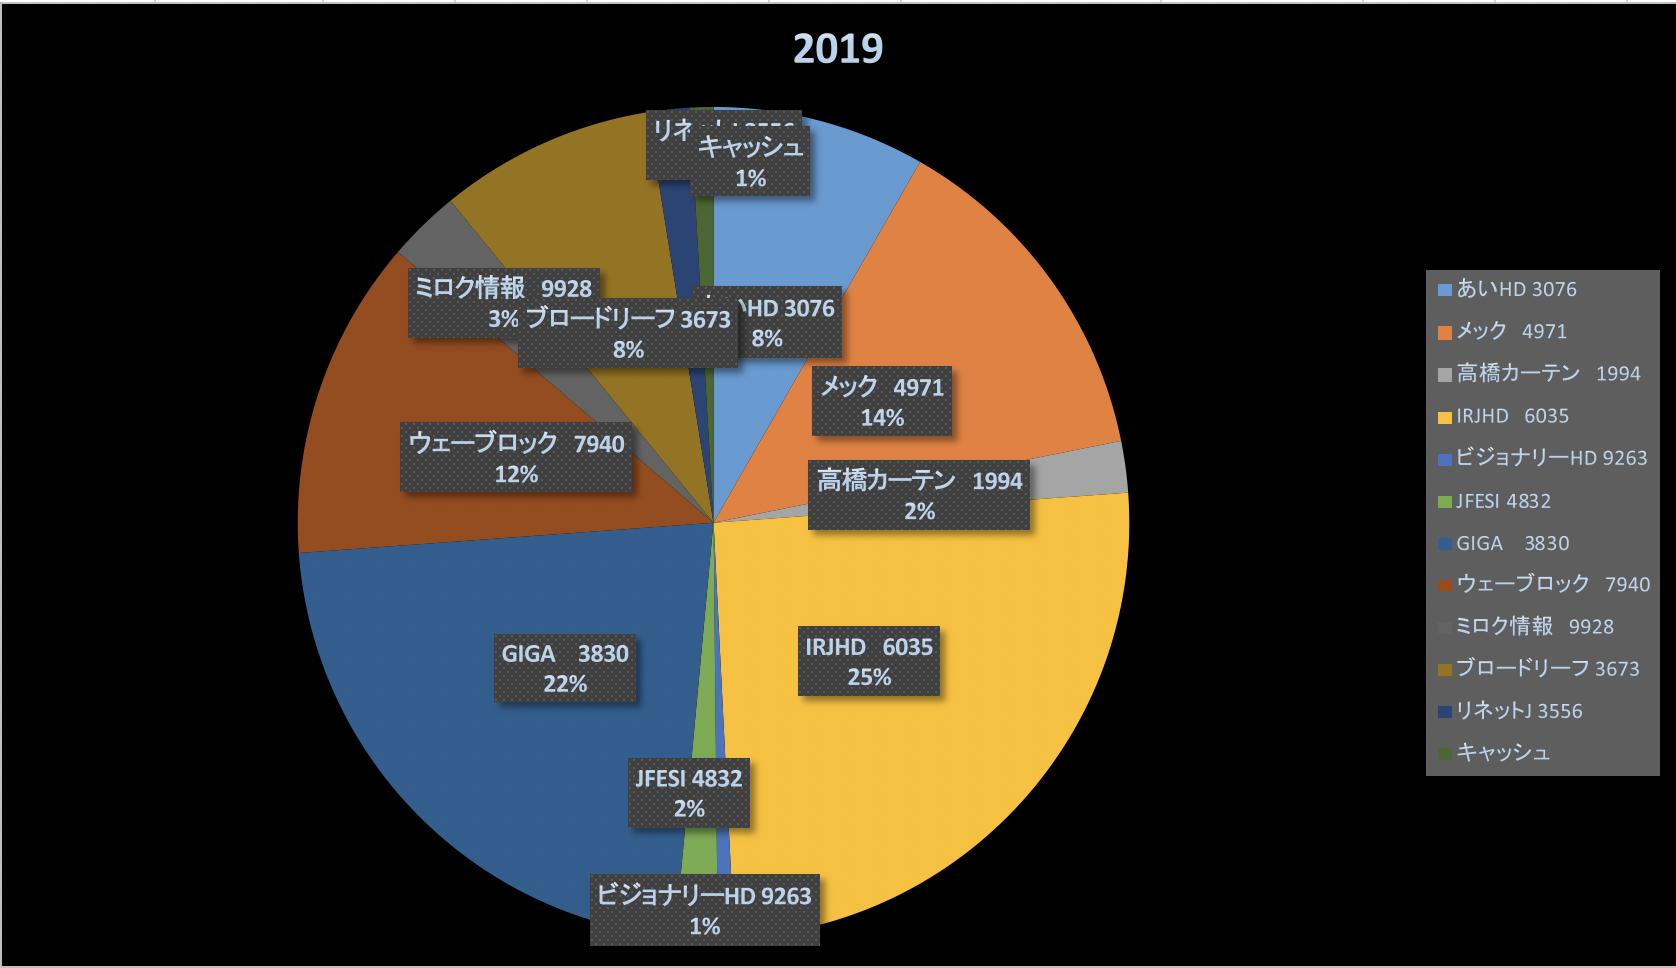 今年も後わずかですね(投資成績報告2019/12/27)